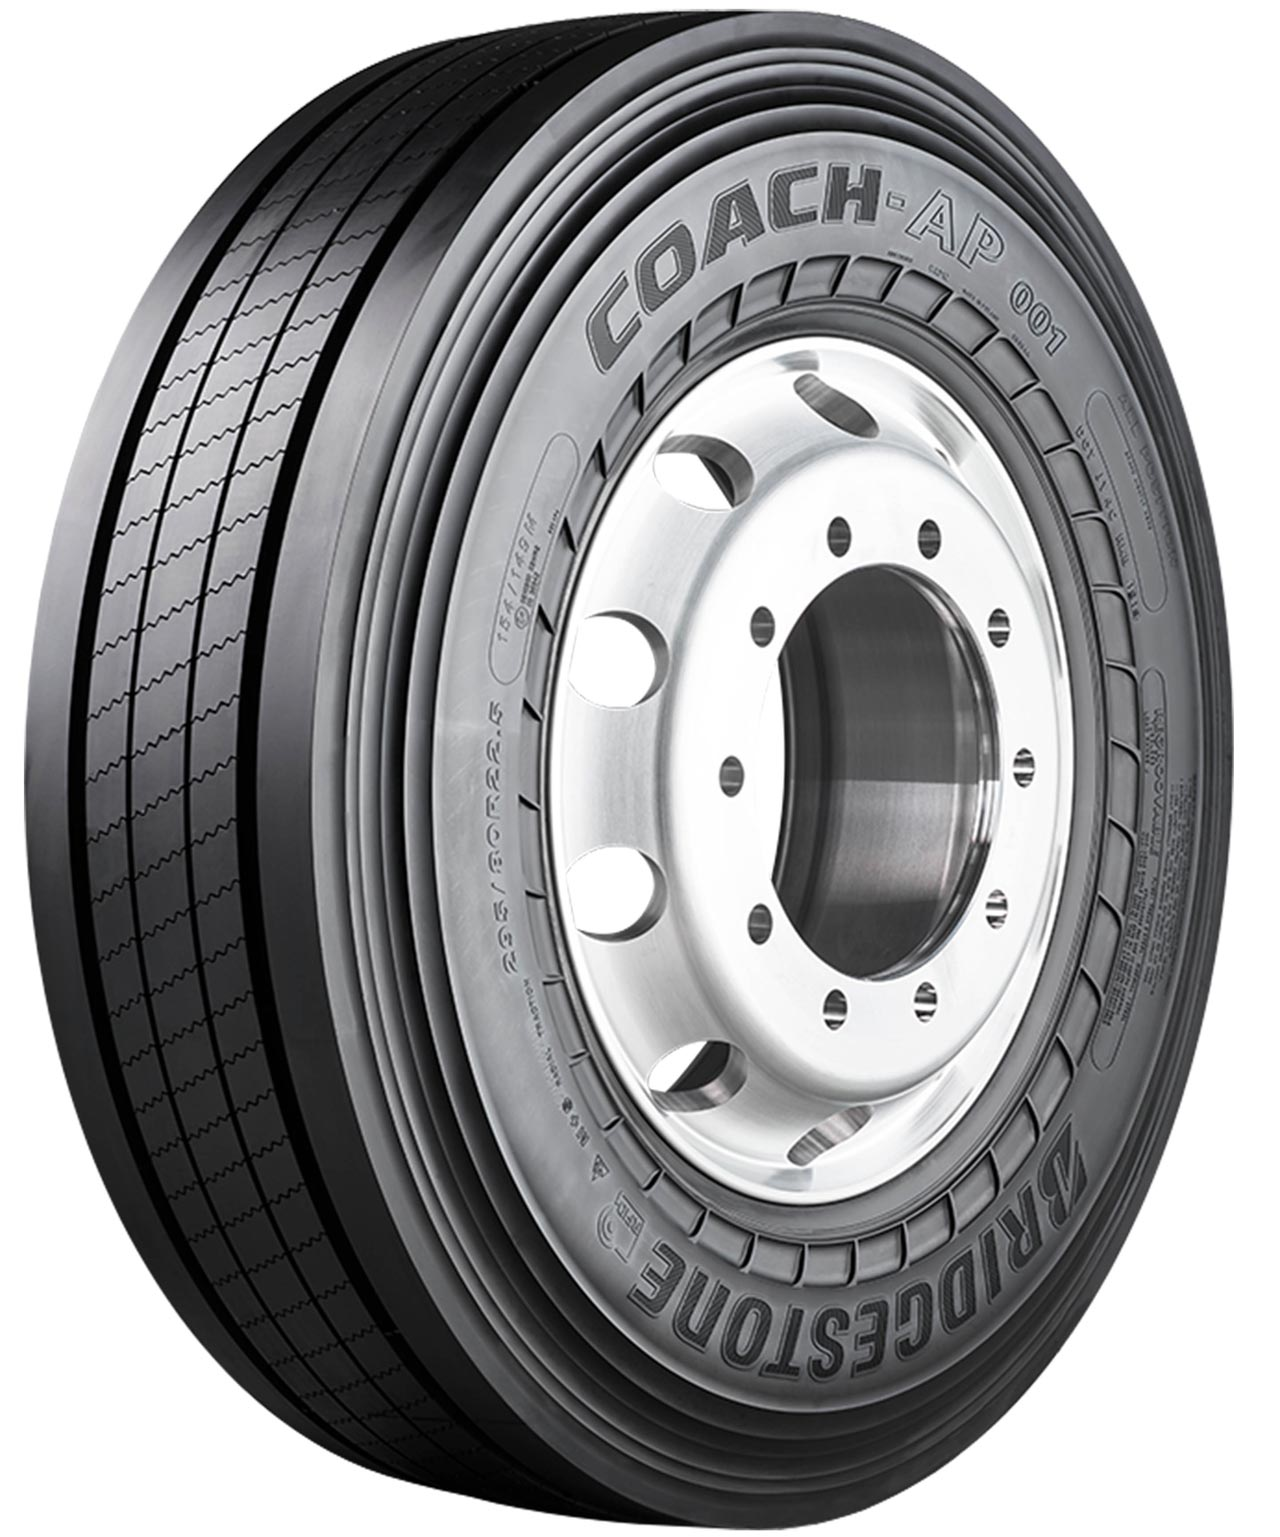 Bridgestone BS_Coach-AP - Photo: Bridgestone